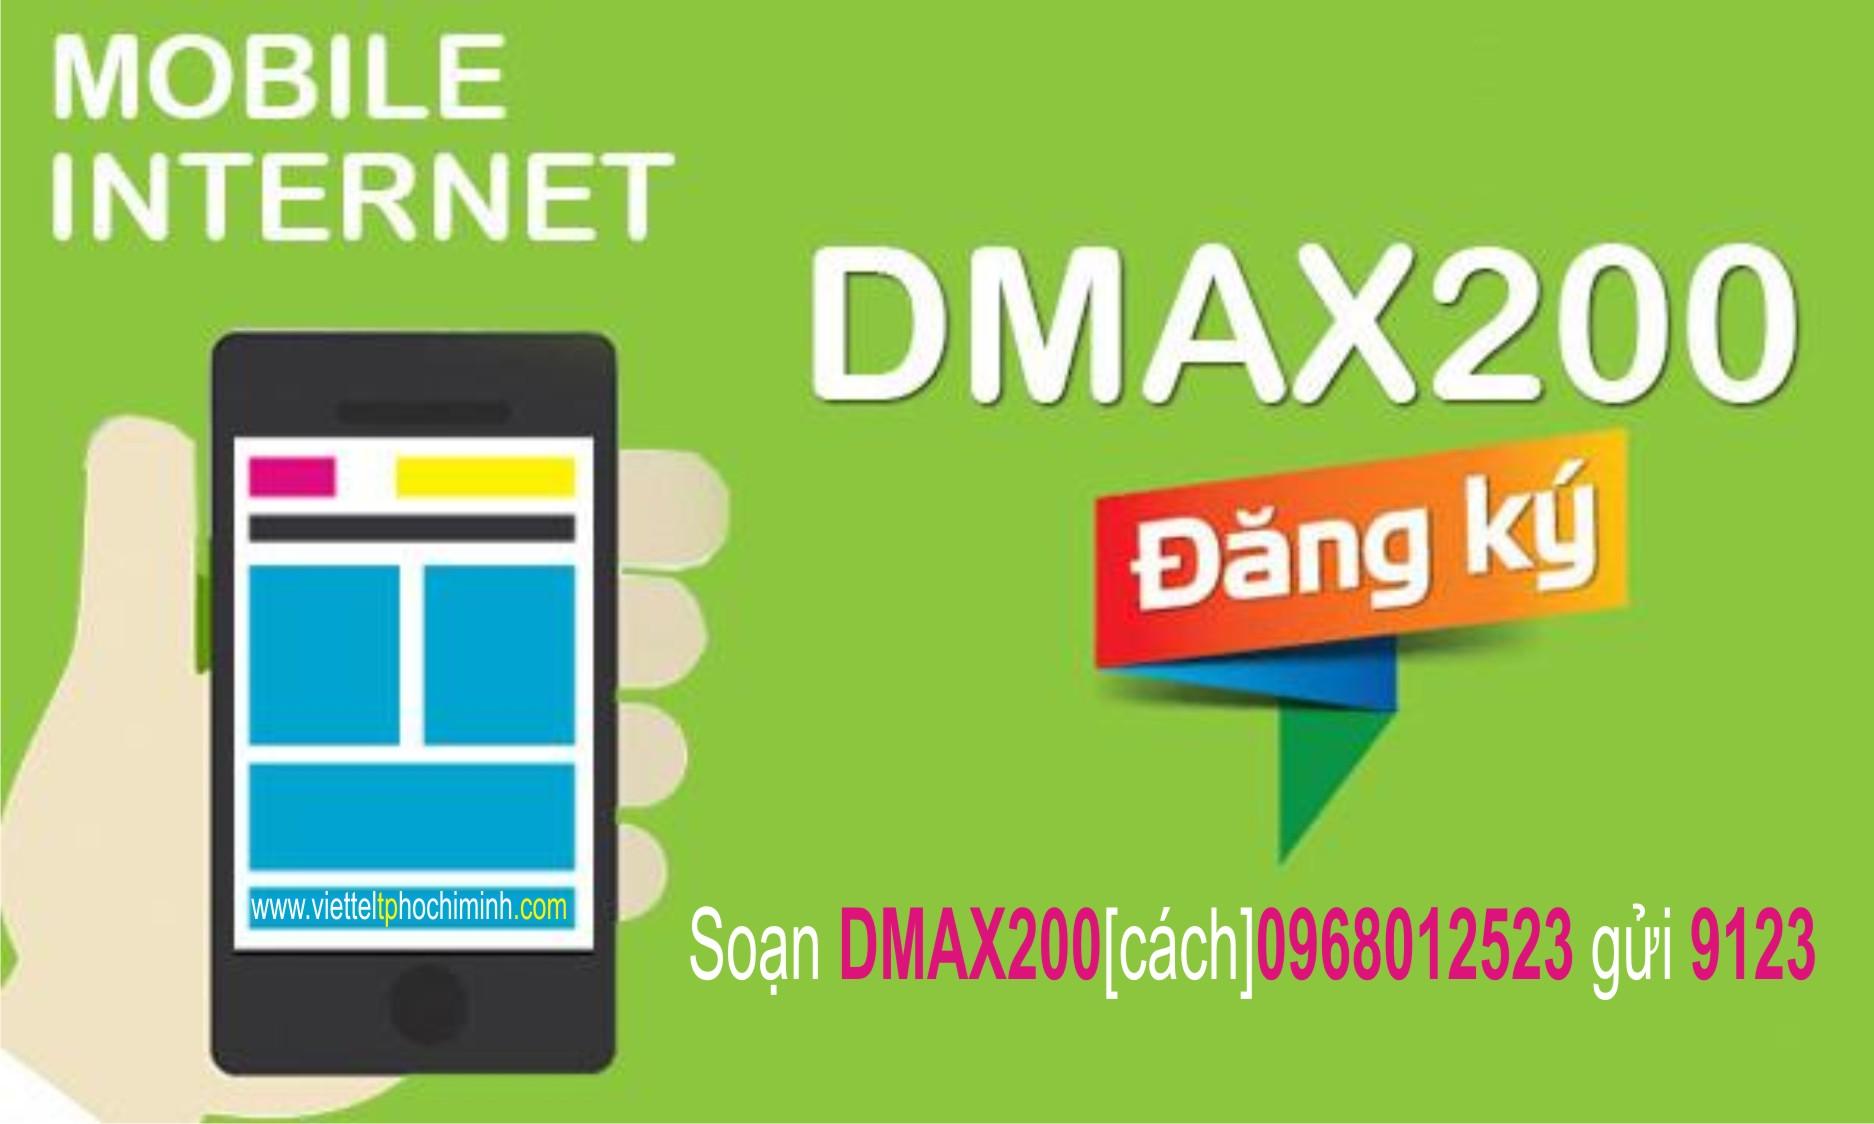 dmax200-viettel